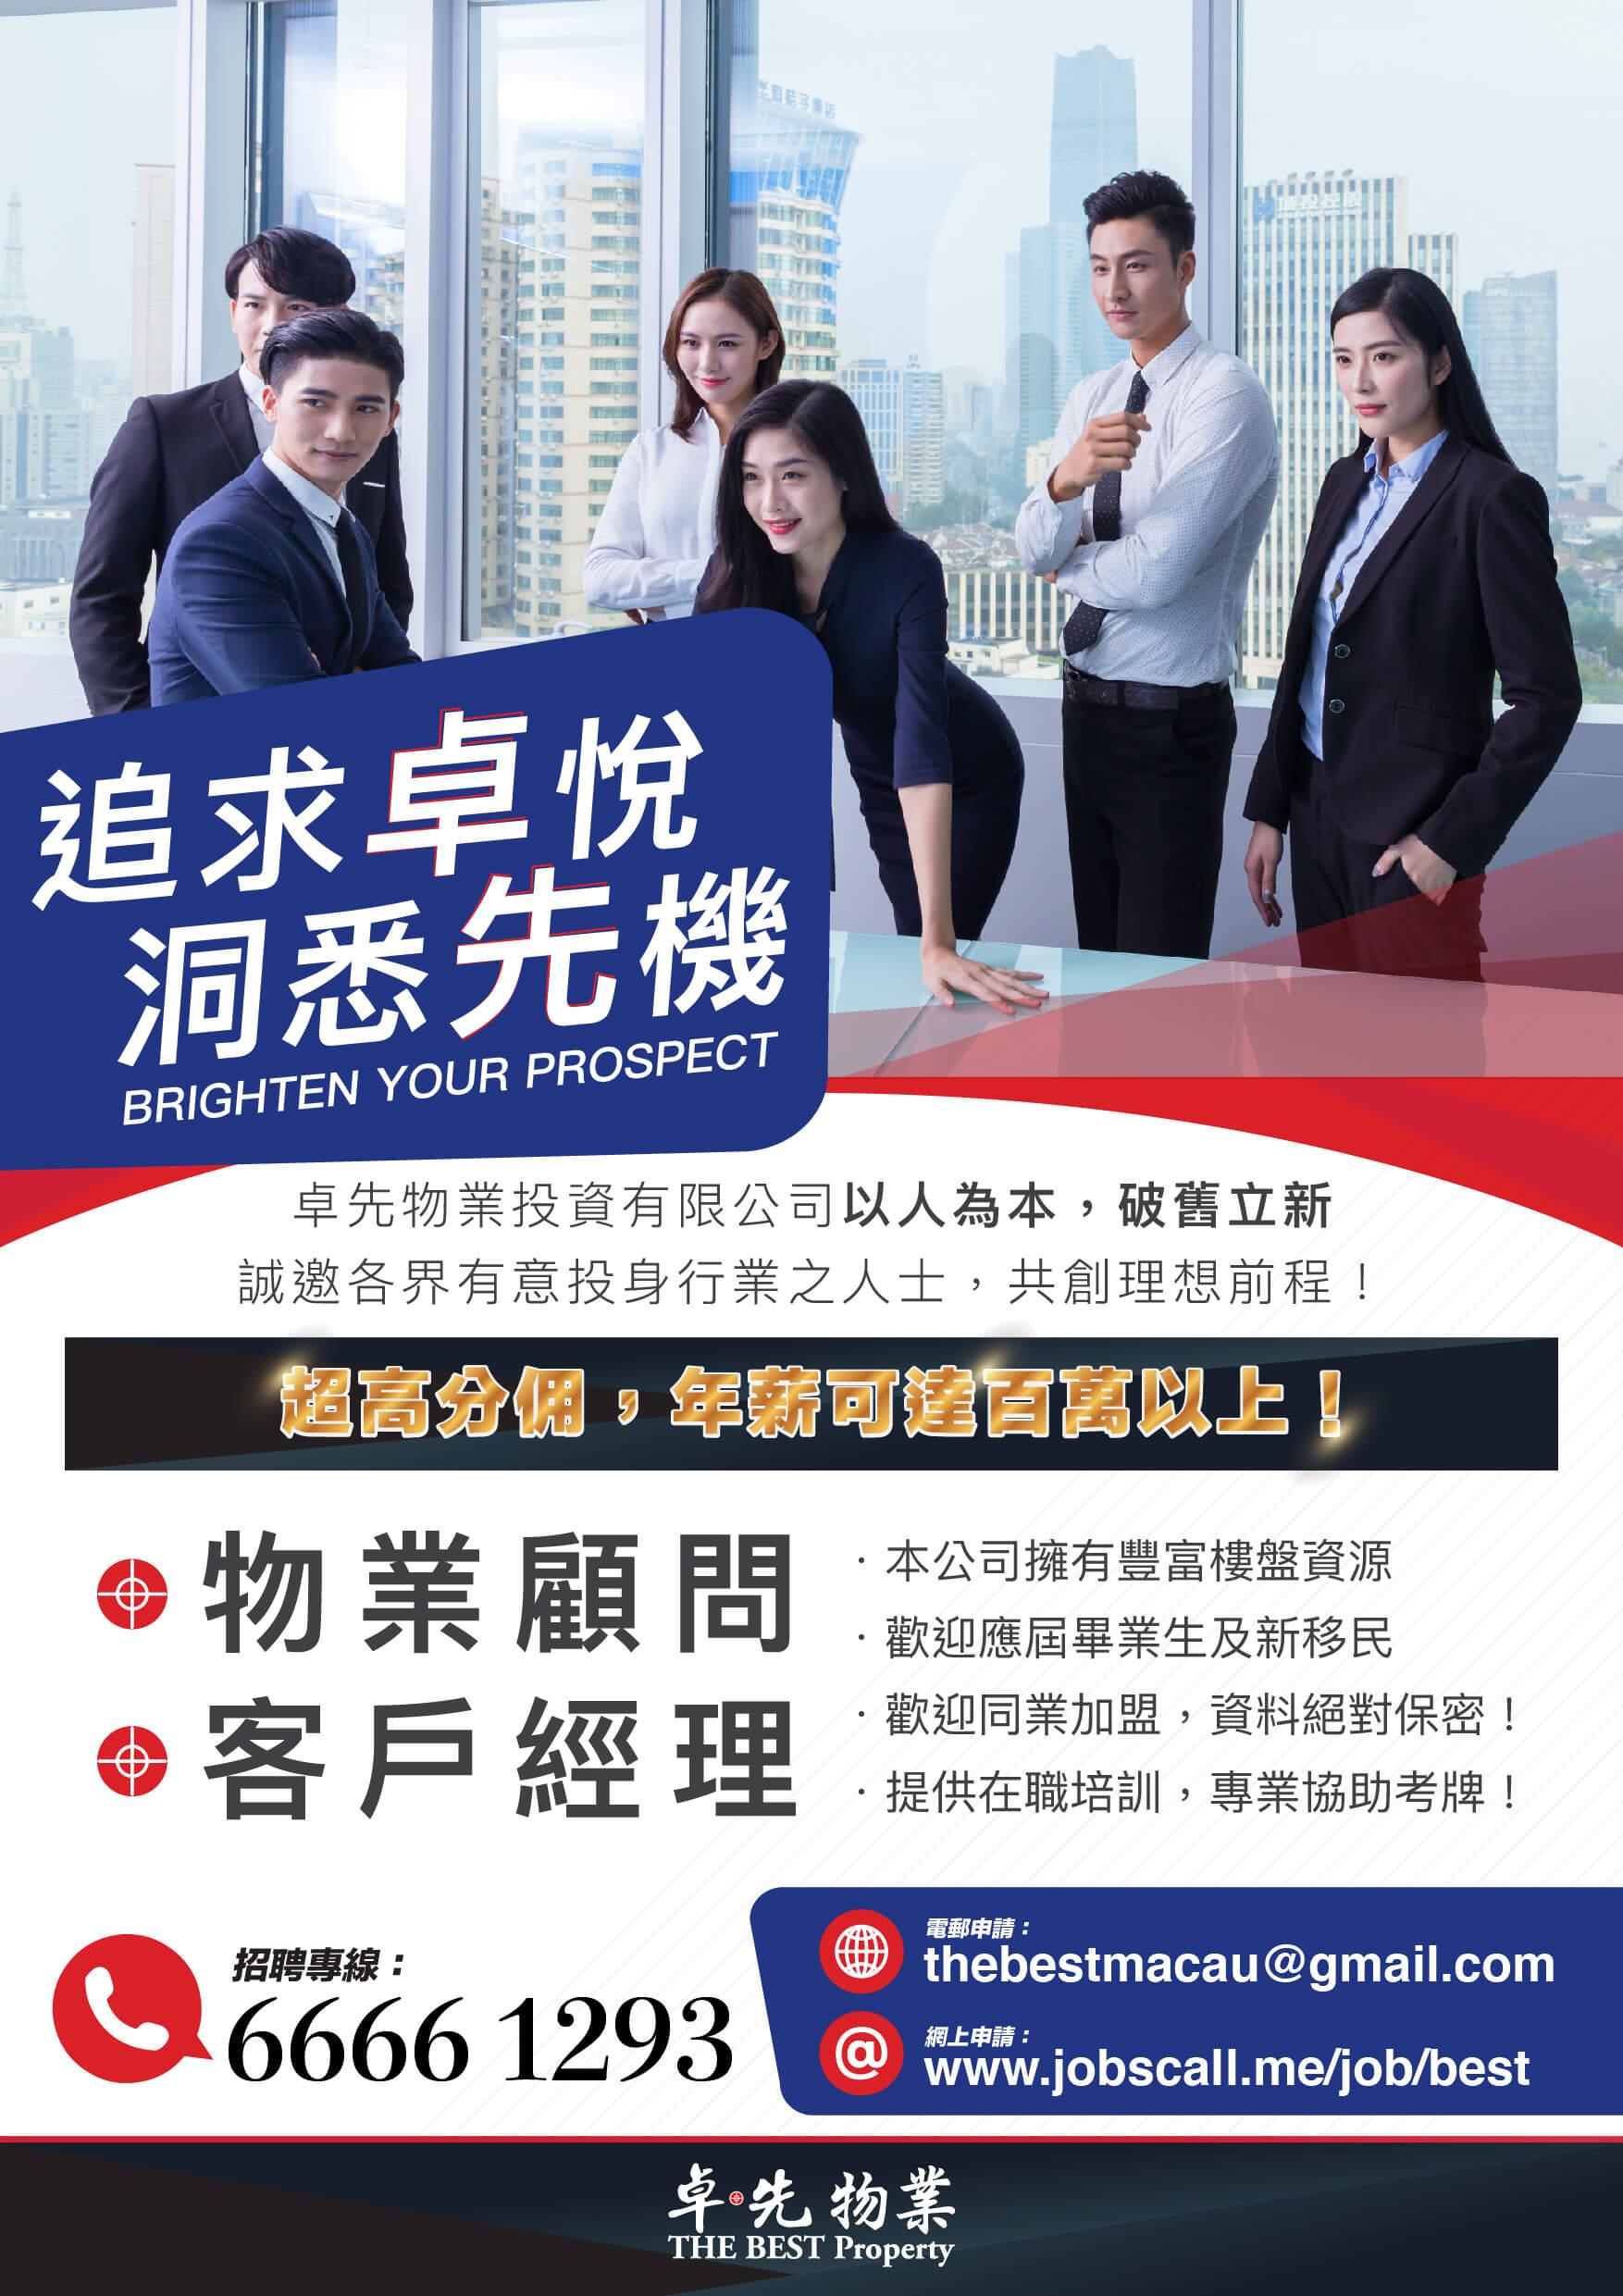 卓先 Poster 2019 jobscall.me 澳門招聘-01-2.jpg